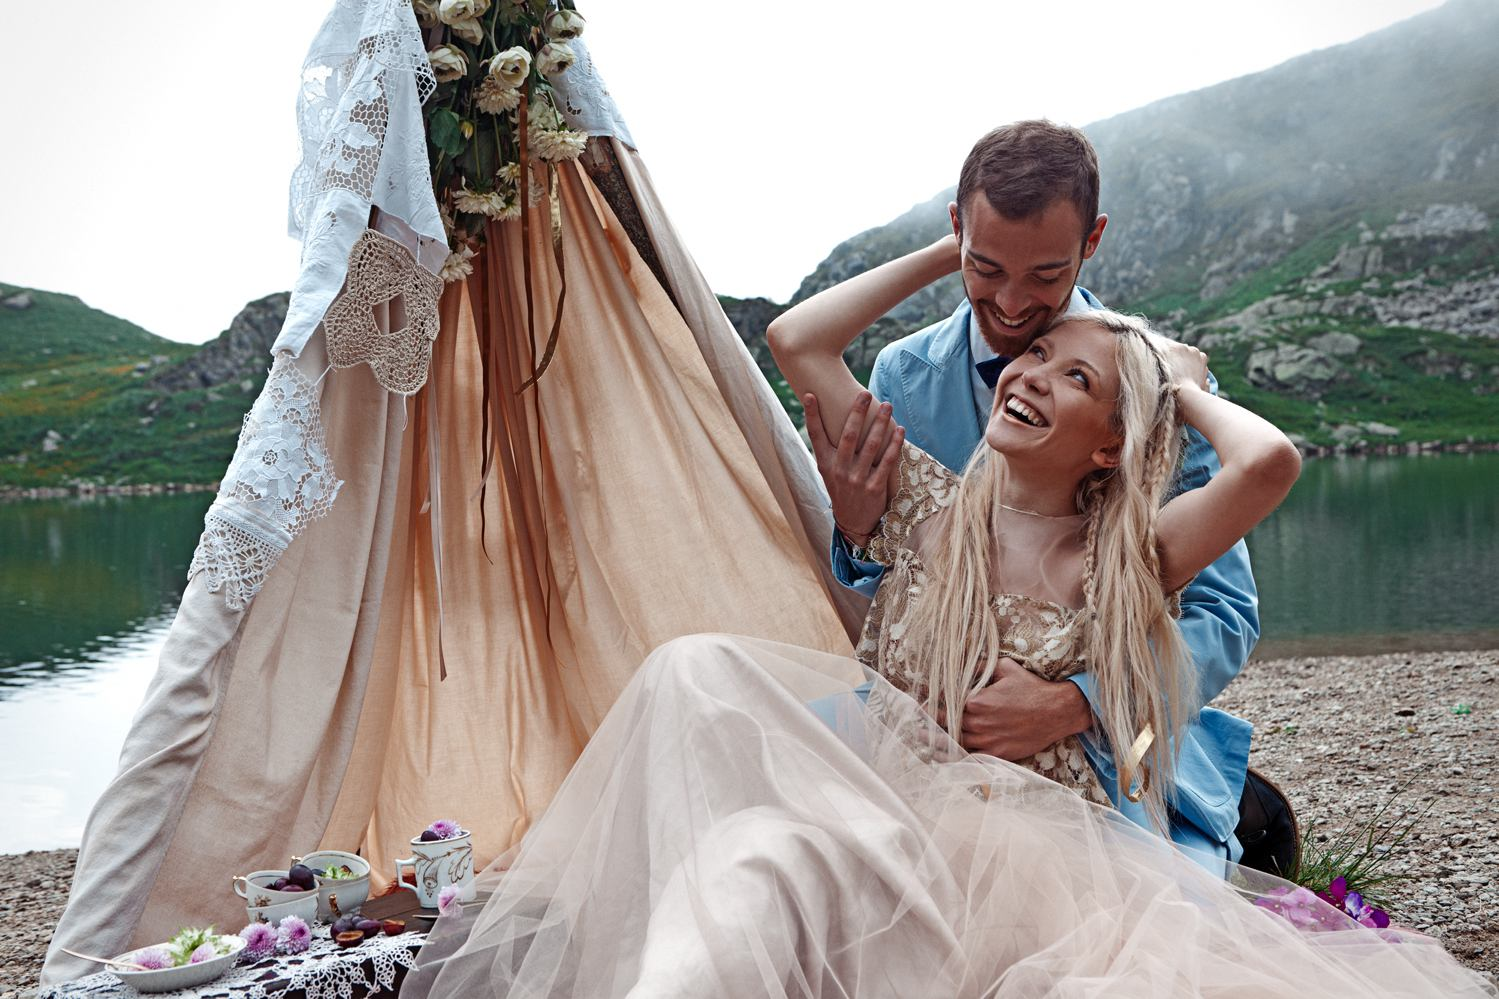 Il Mio Matrimonio Gipsy : Matrimonio ecologico il look della sposa gipsy pensato da monica